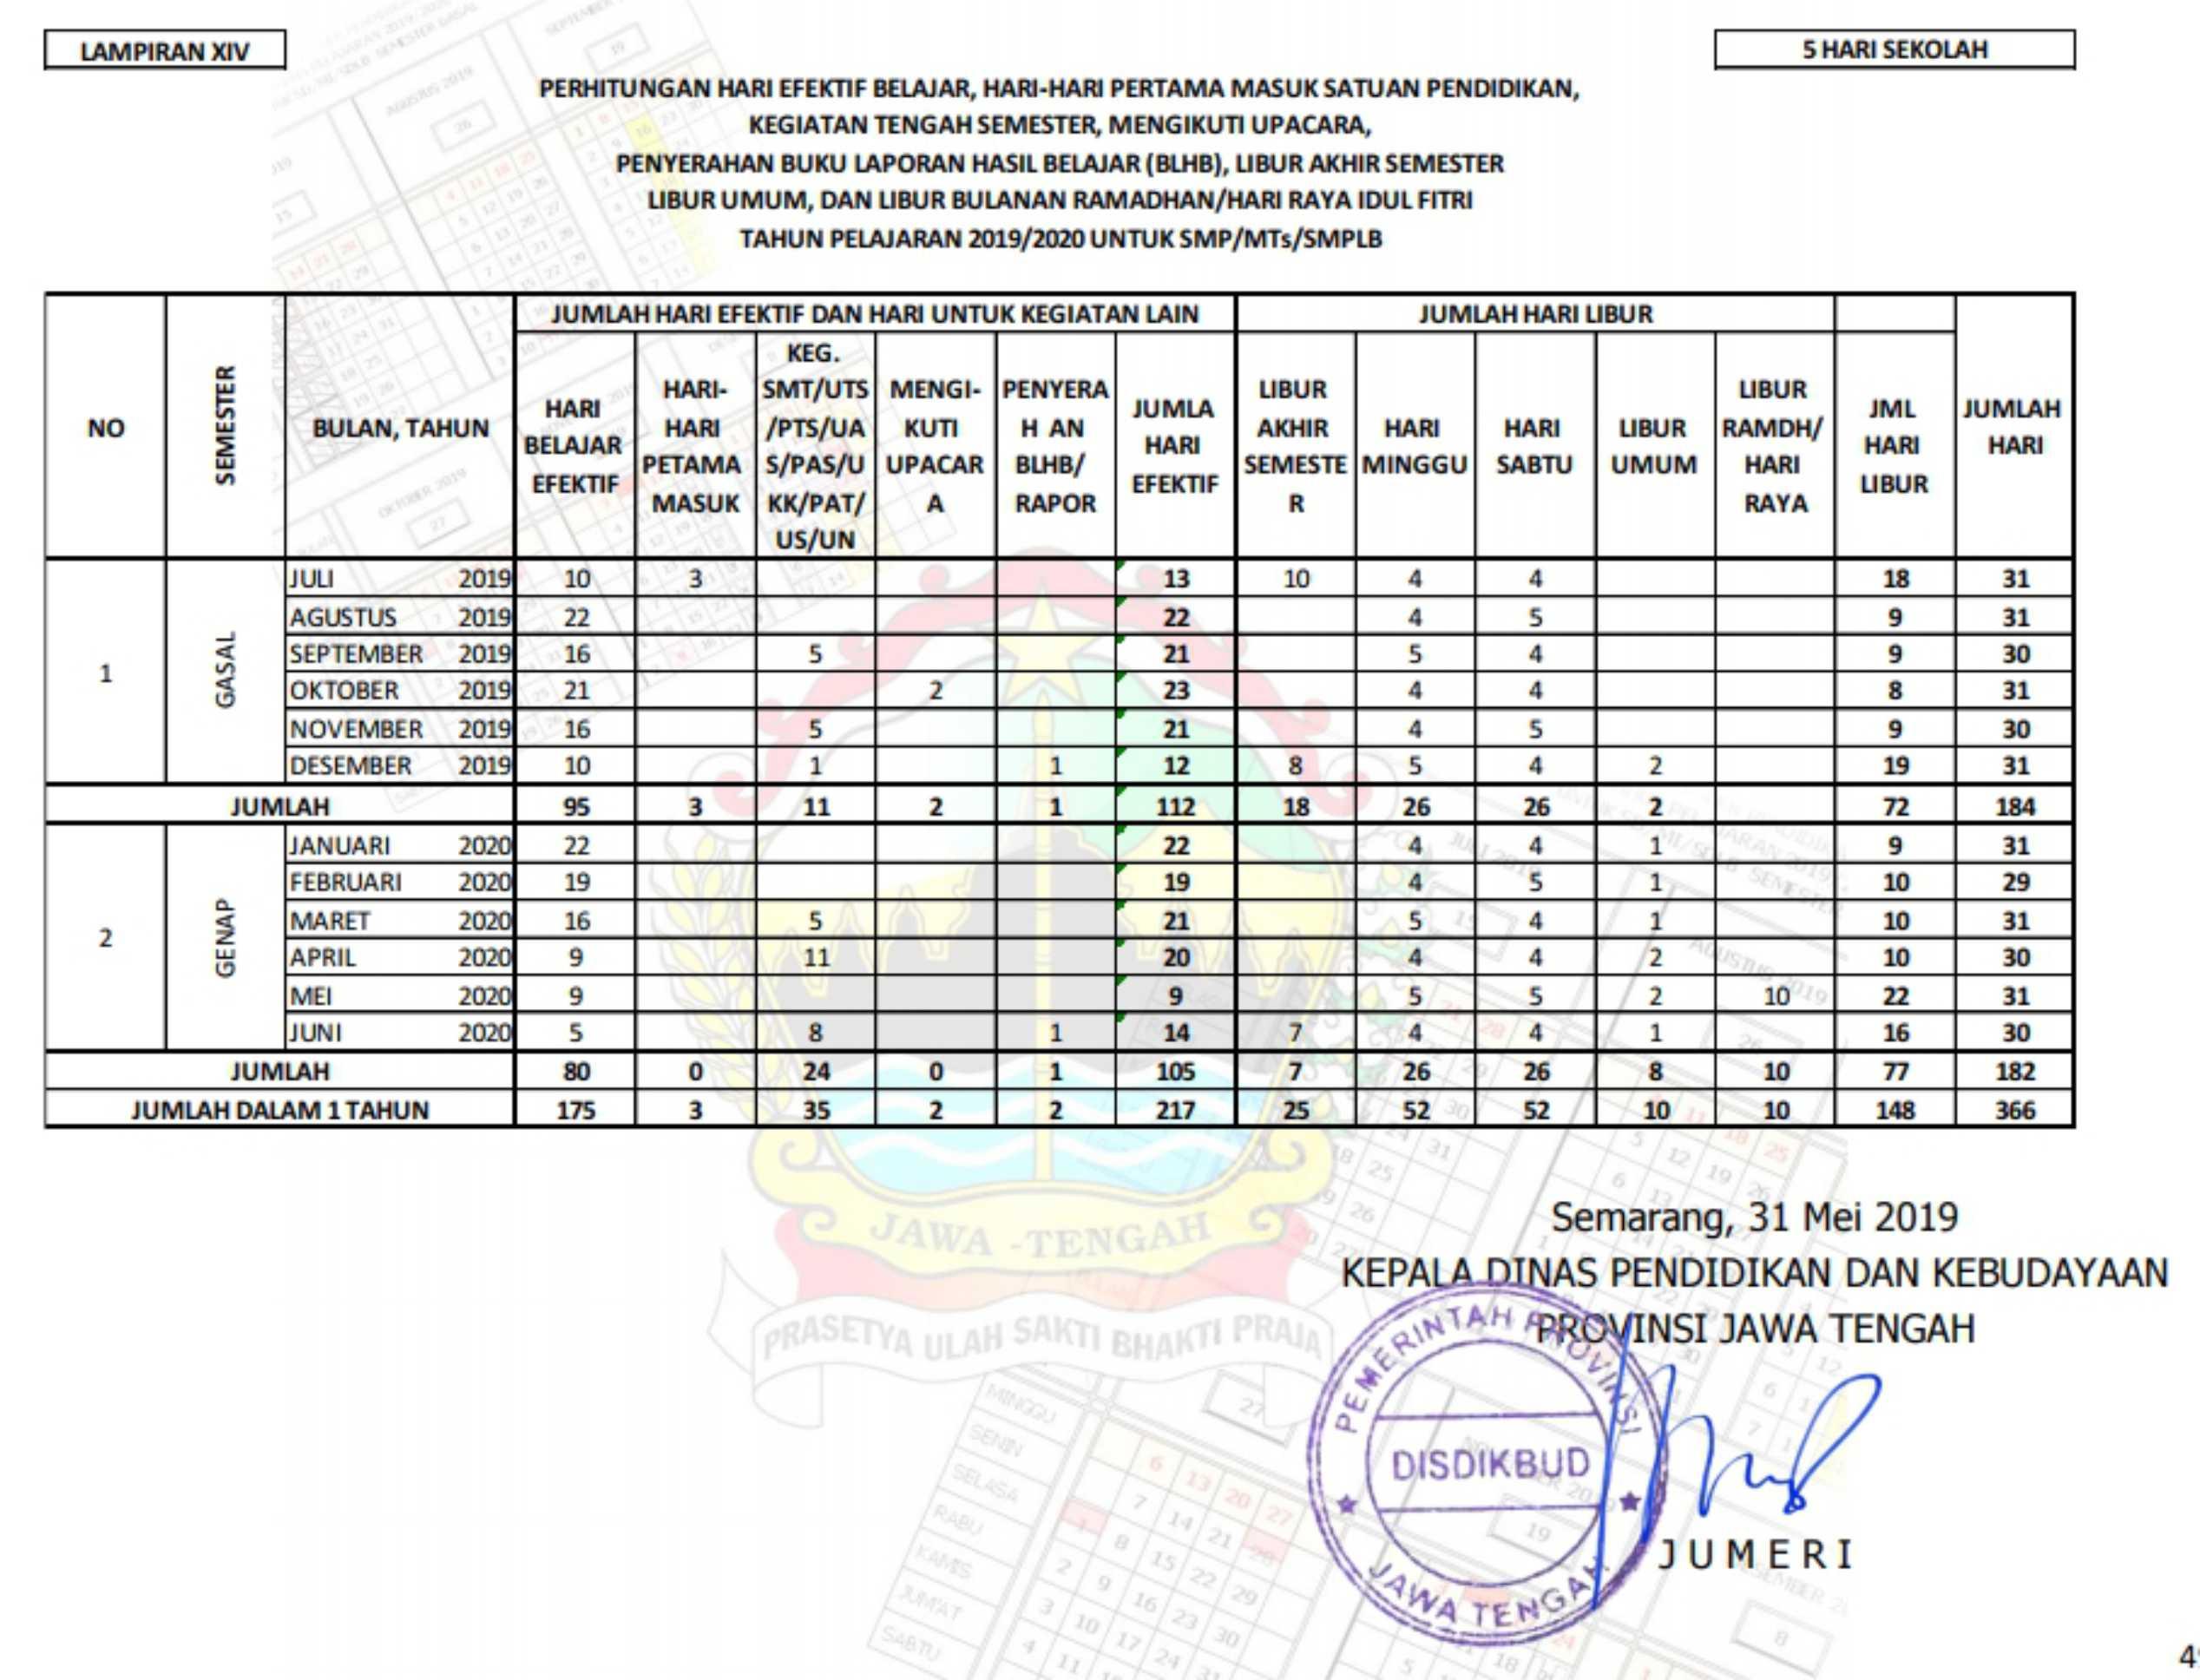 perhitungan hari efektif belajar dan libur tahun pelajaran 2019-2020 untuk SMP SMPLB MTs (5 hari sekolah)